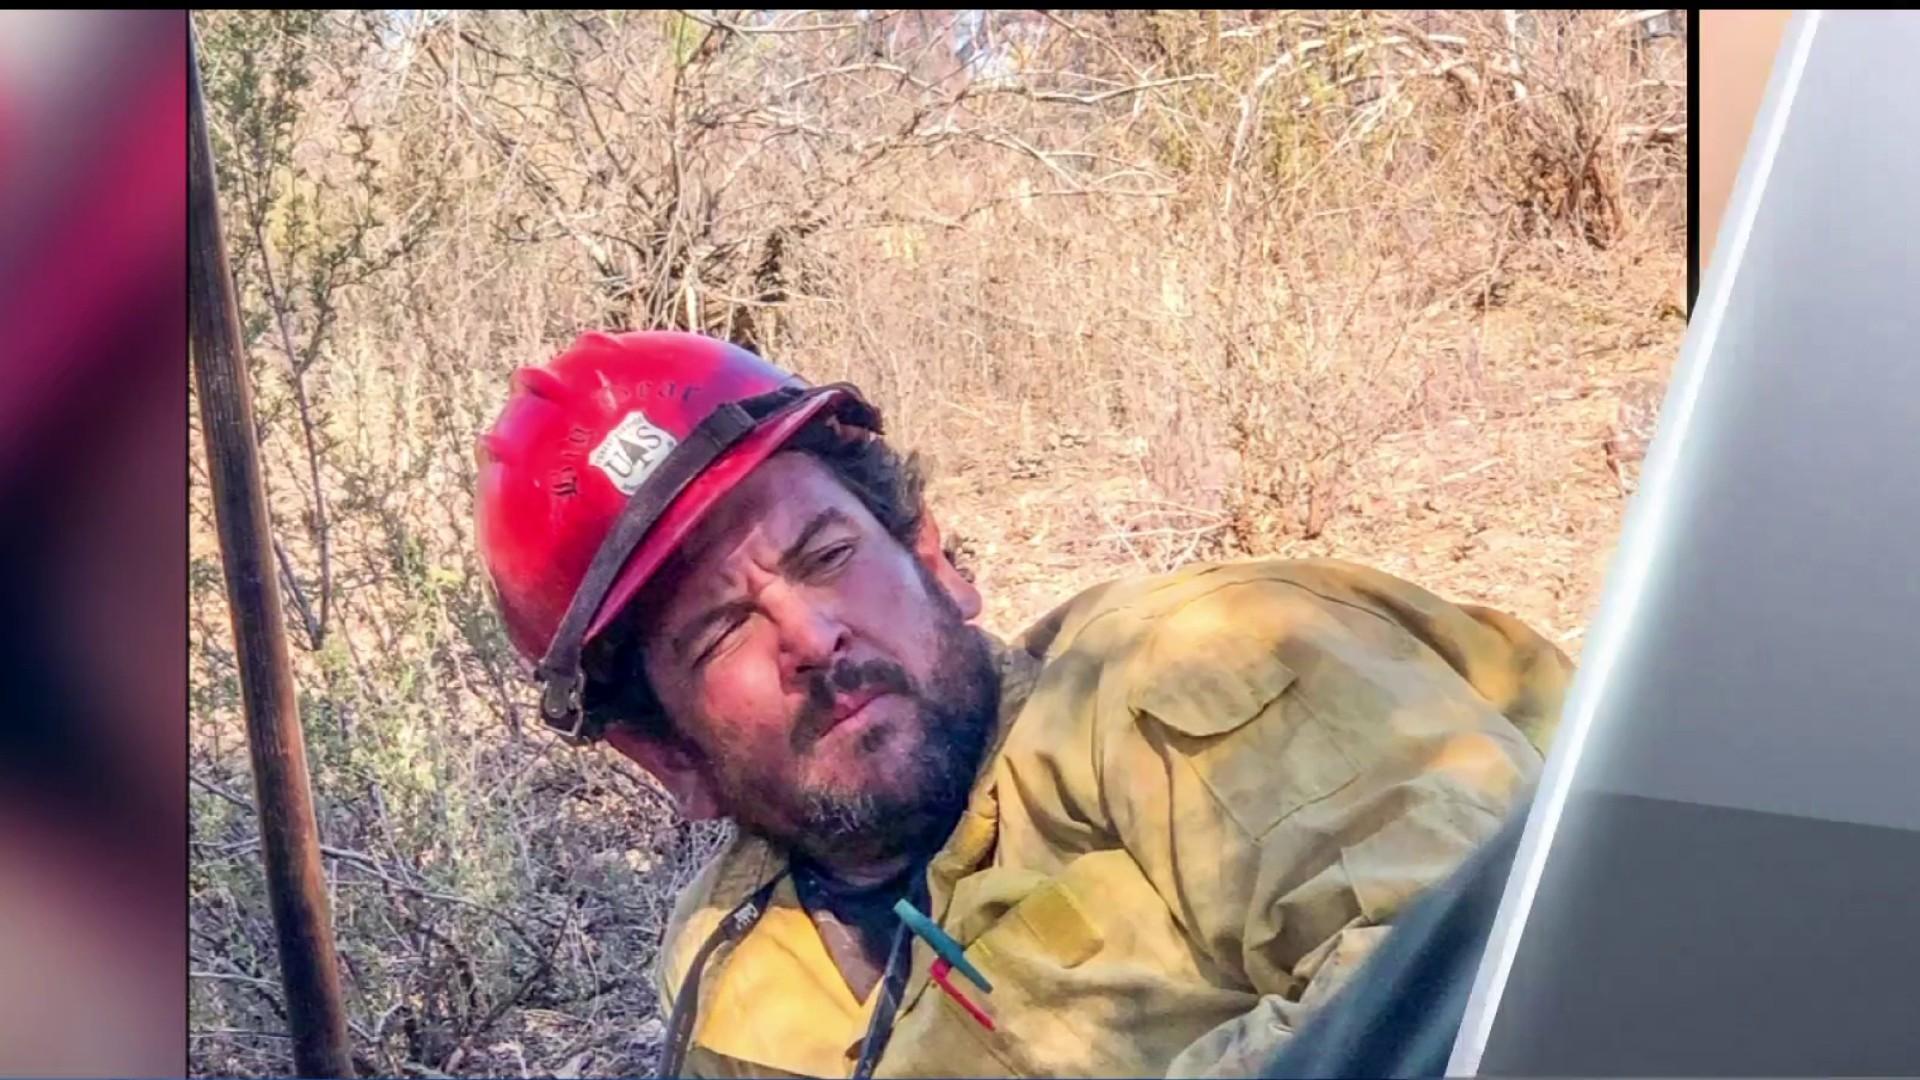 may he rest easy in heaven firefighter killed in el dorado fire identified nbc los angeles firefighter killed in el dorado fire